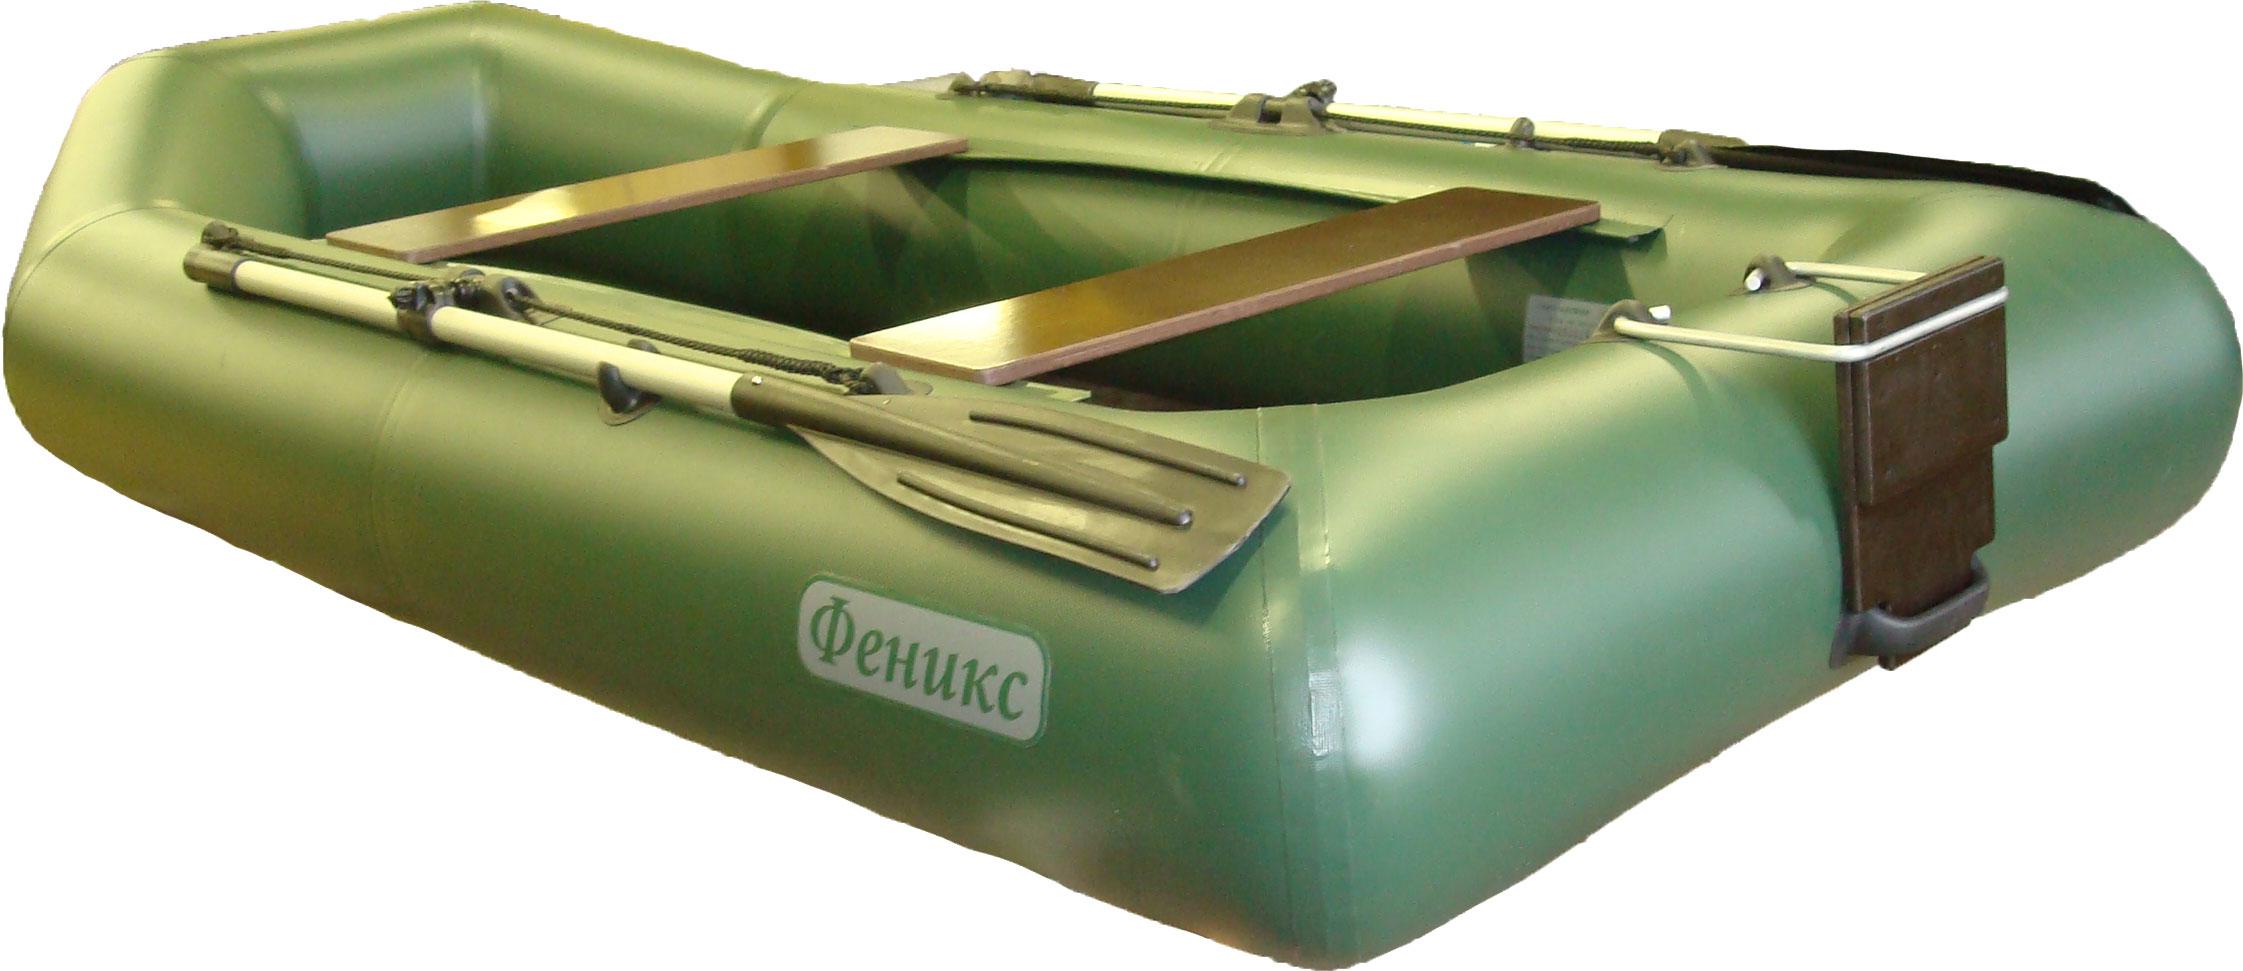 технические характеристики лодки феникс